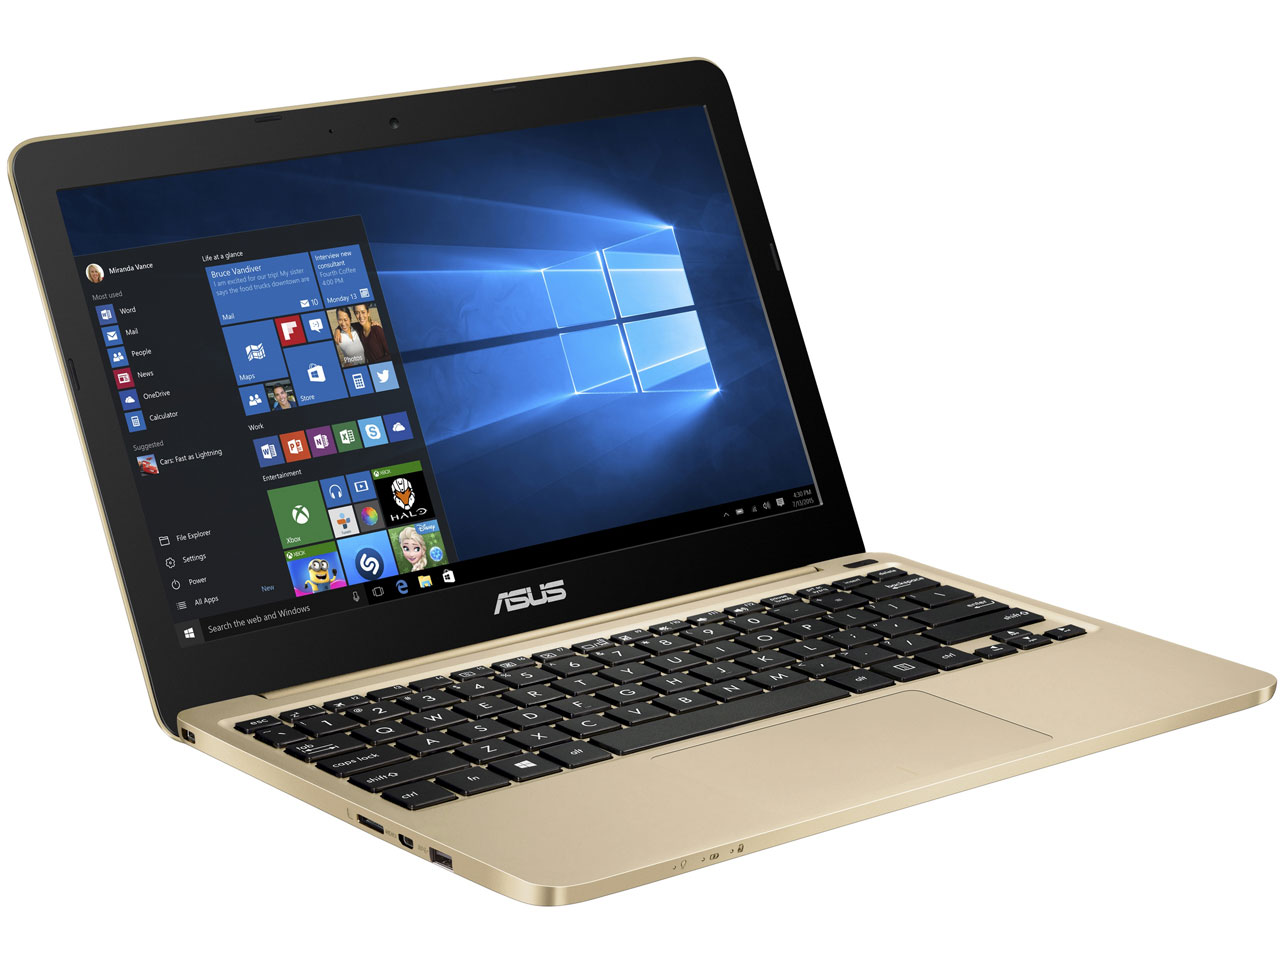 ASUS VivoBook R209HA の製品画像